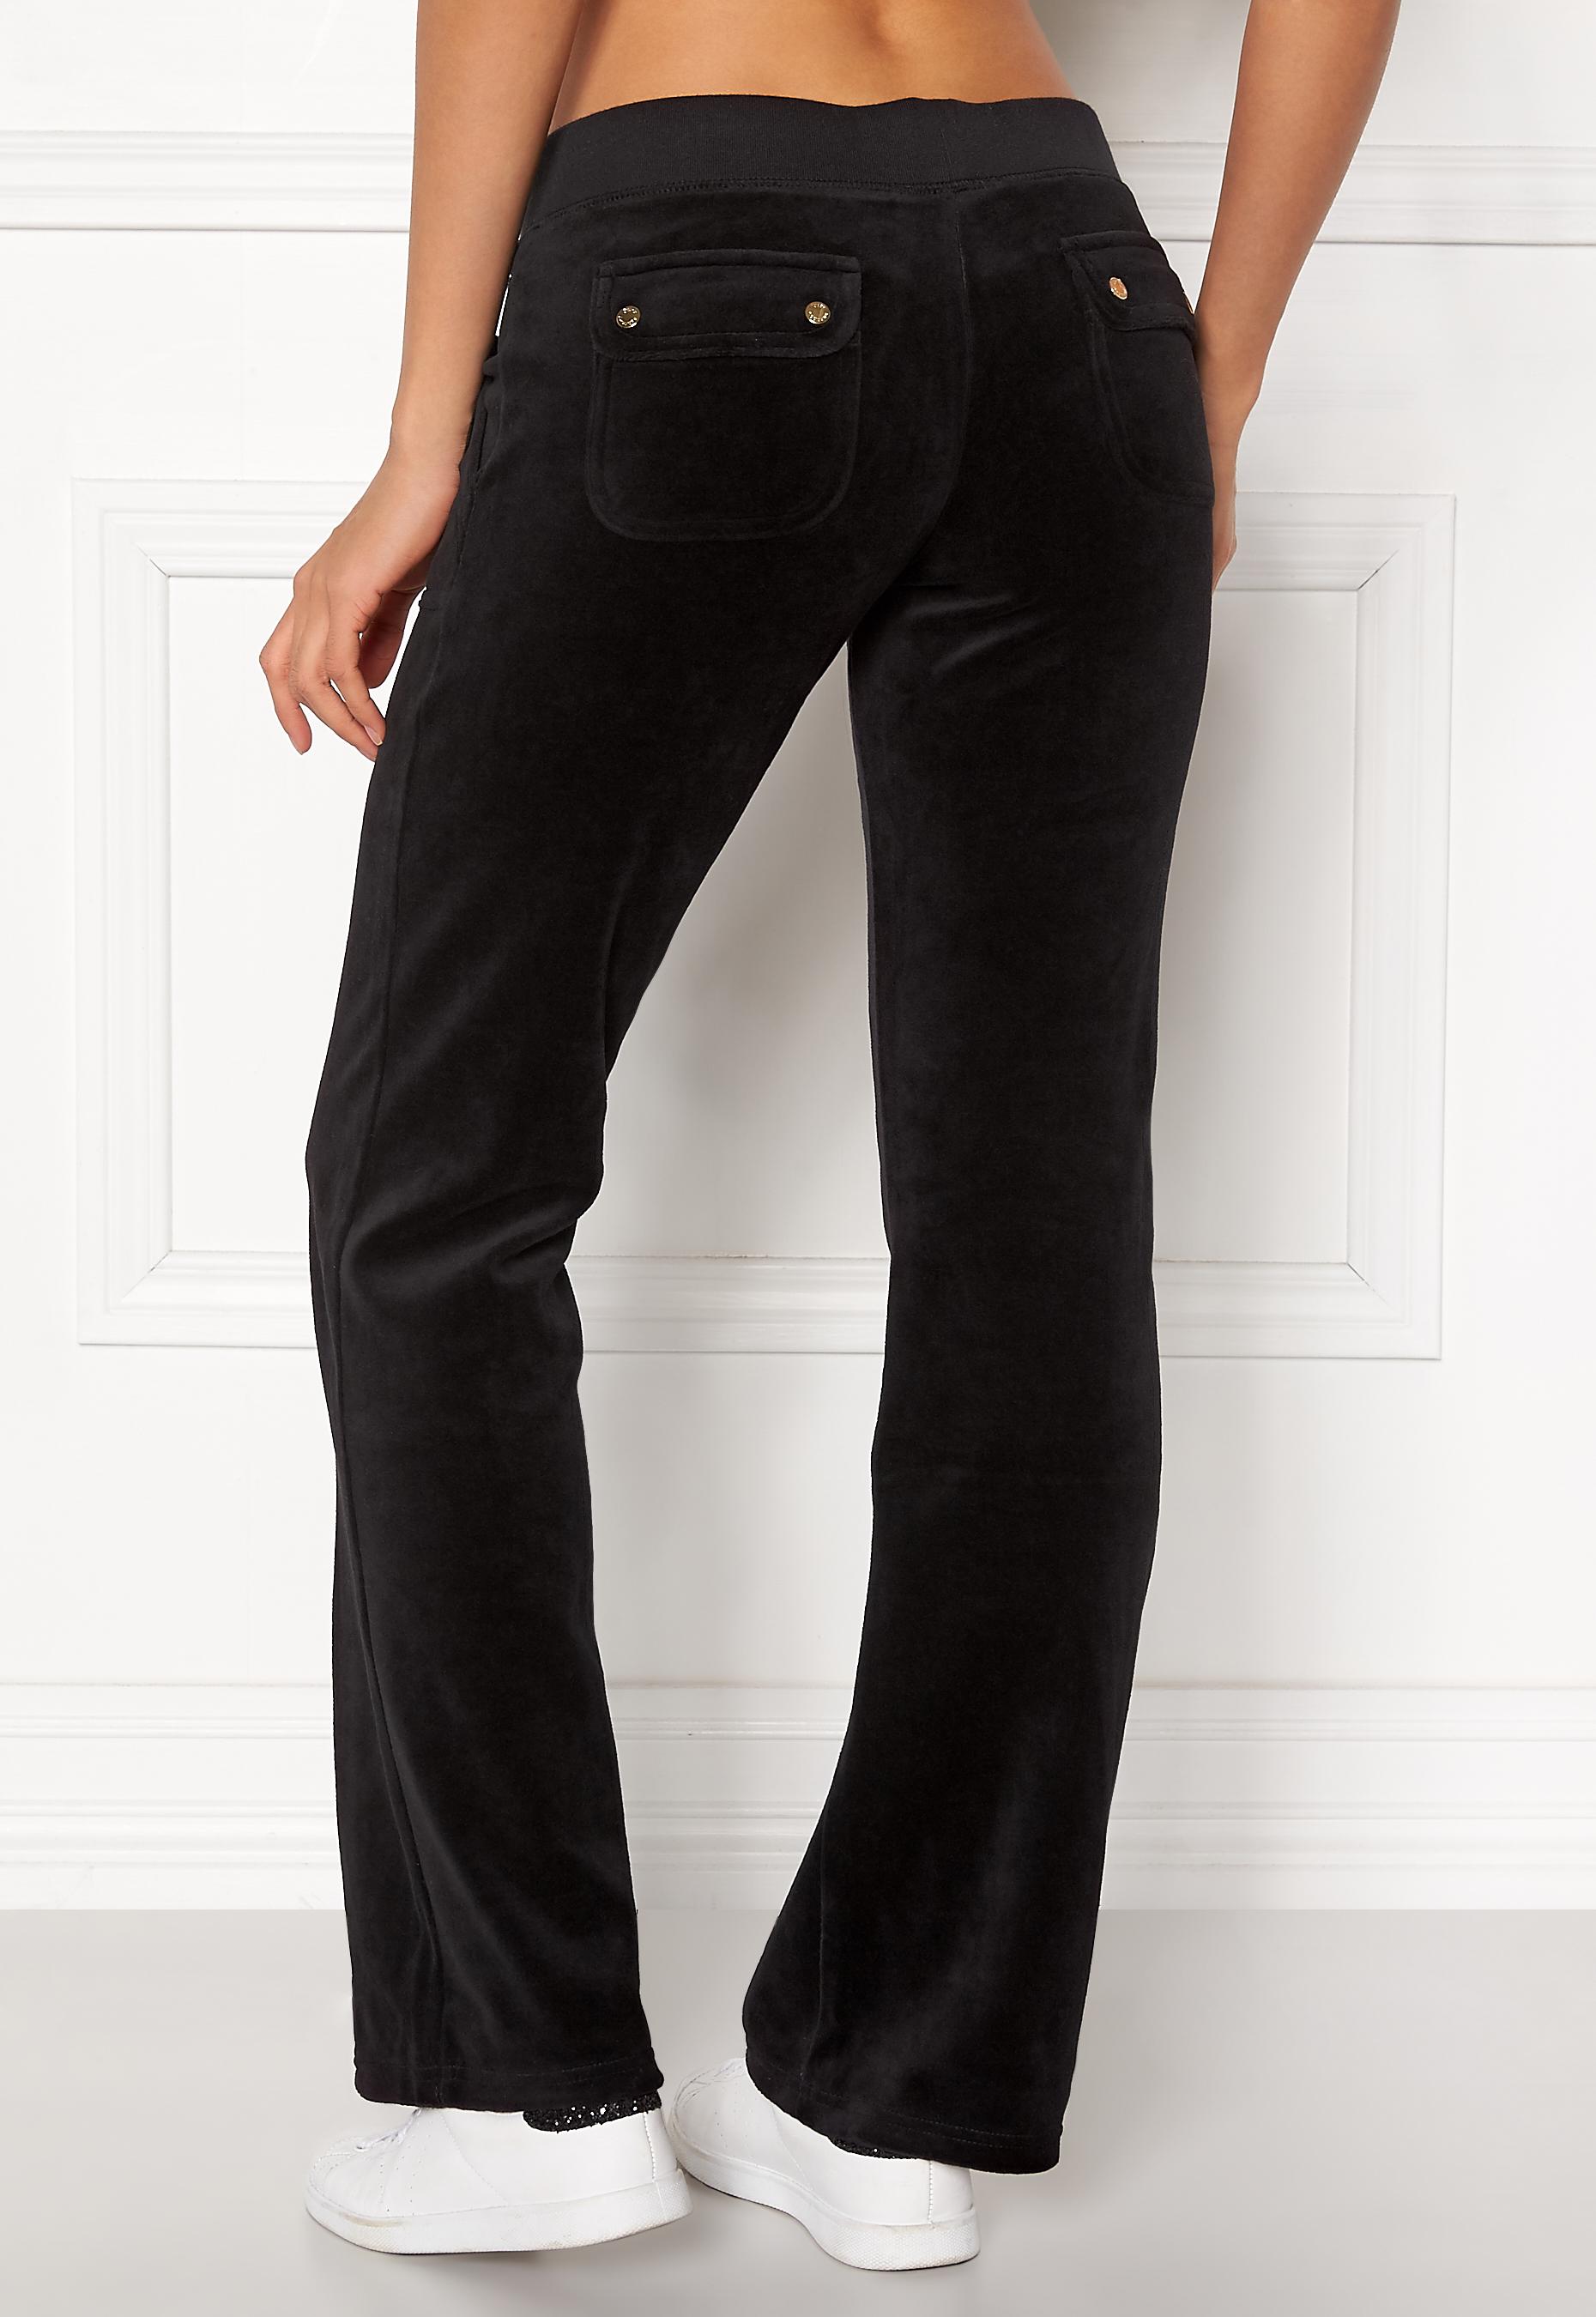 Juicy Couture Velour Del Rey Pant Pitch Black - Bubbleroom 011fd0527